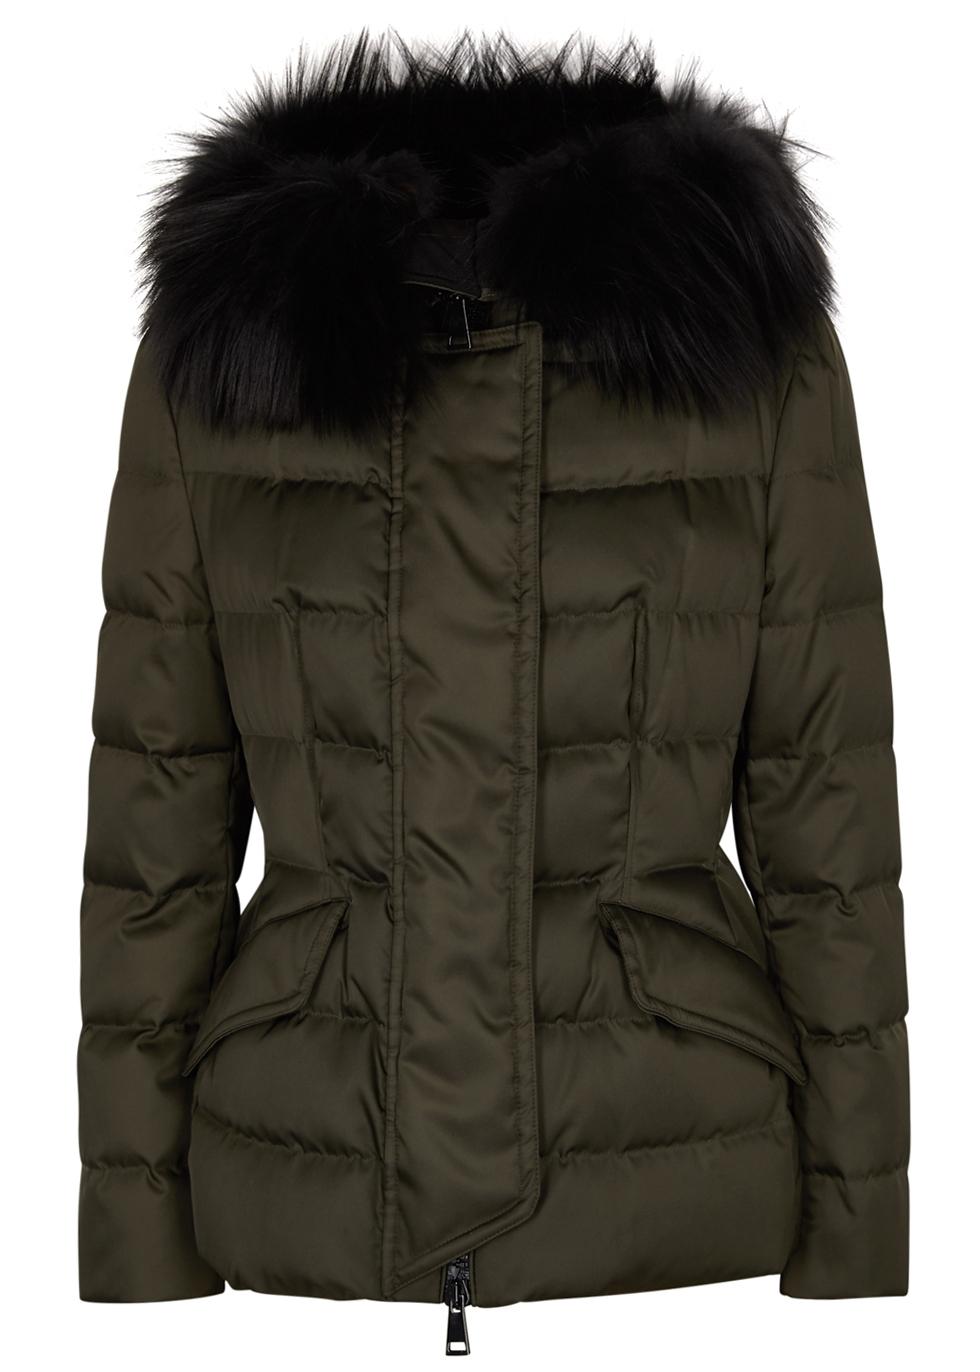 efe0b03d1 Sterne fur-trimmed shell jacket